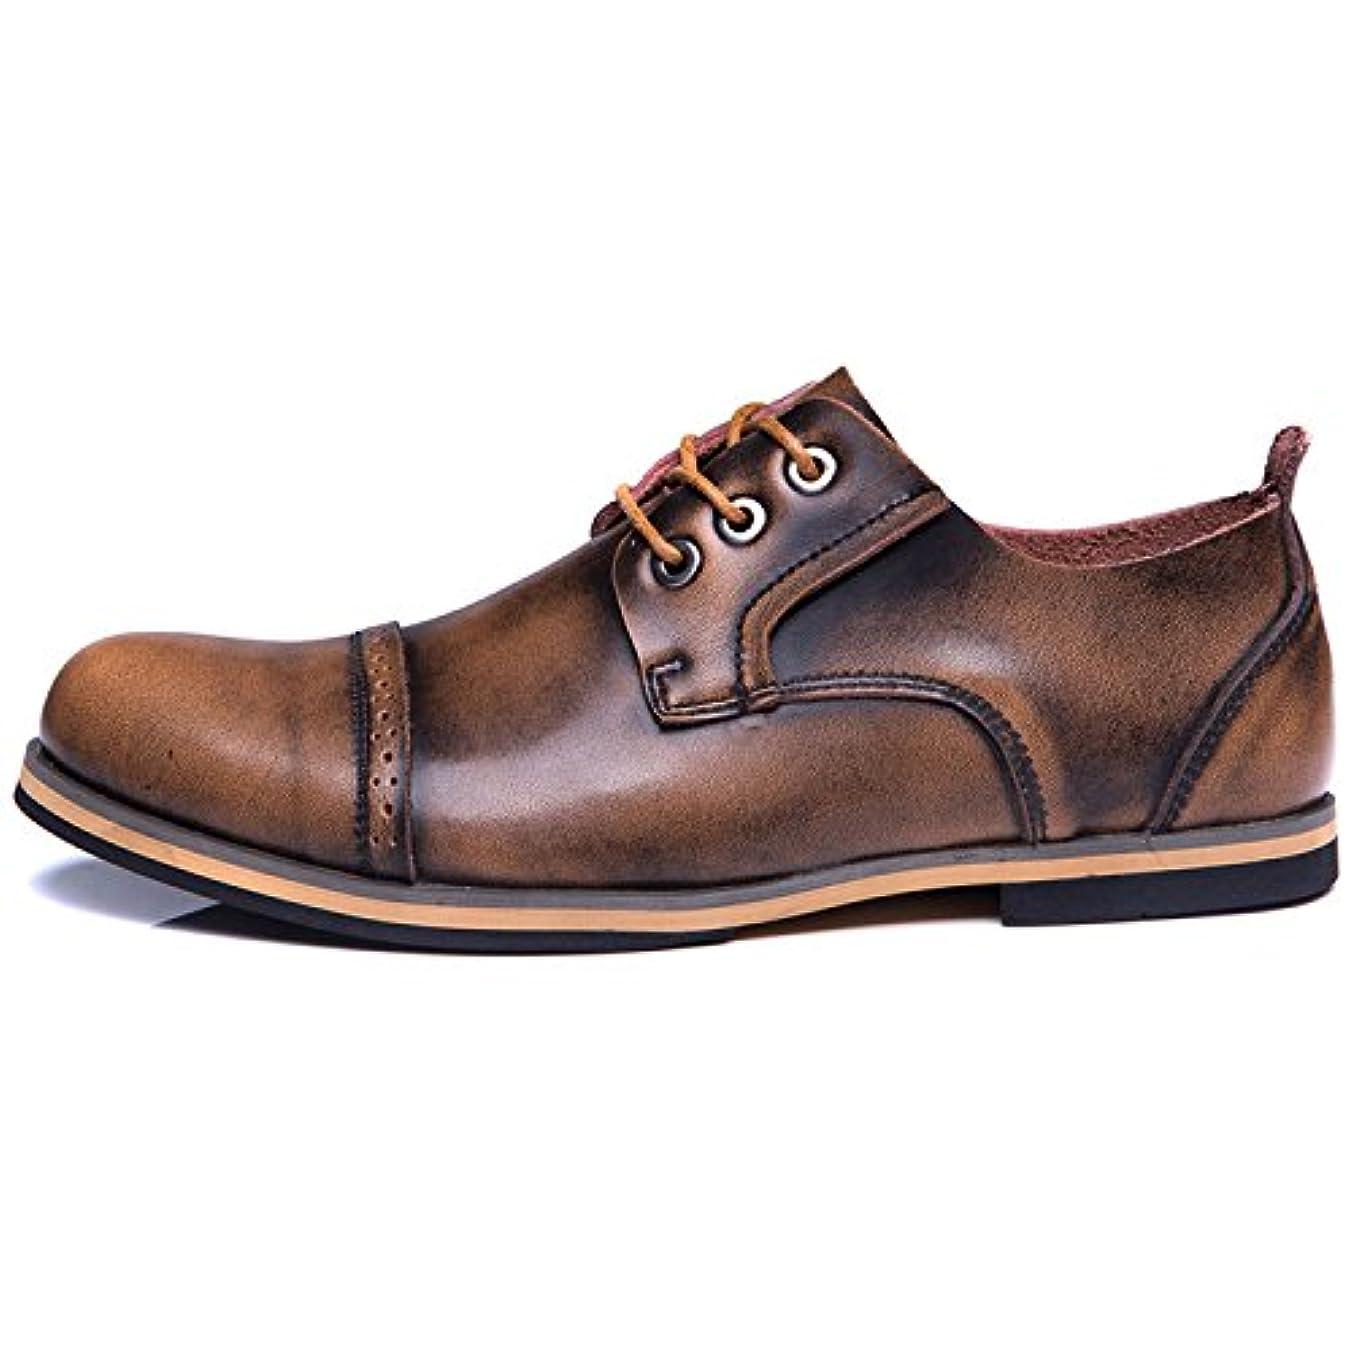 ラビリンス延期するひまわりつるかめ(Turukame) ビジネスシューズ メンズ レースアップ 革靴 紳士靴 履きやすい 通気性 ストレートチップ